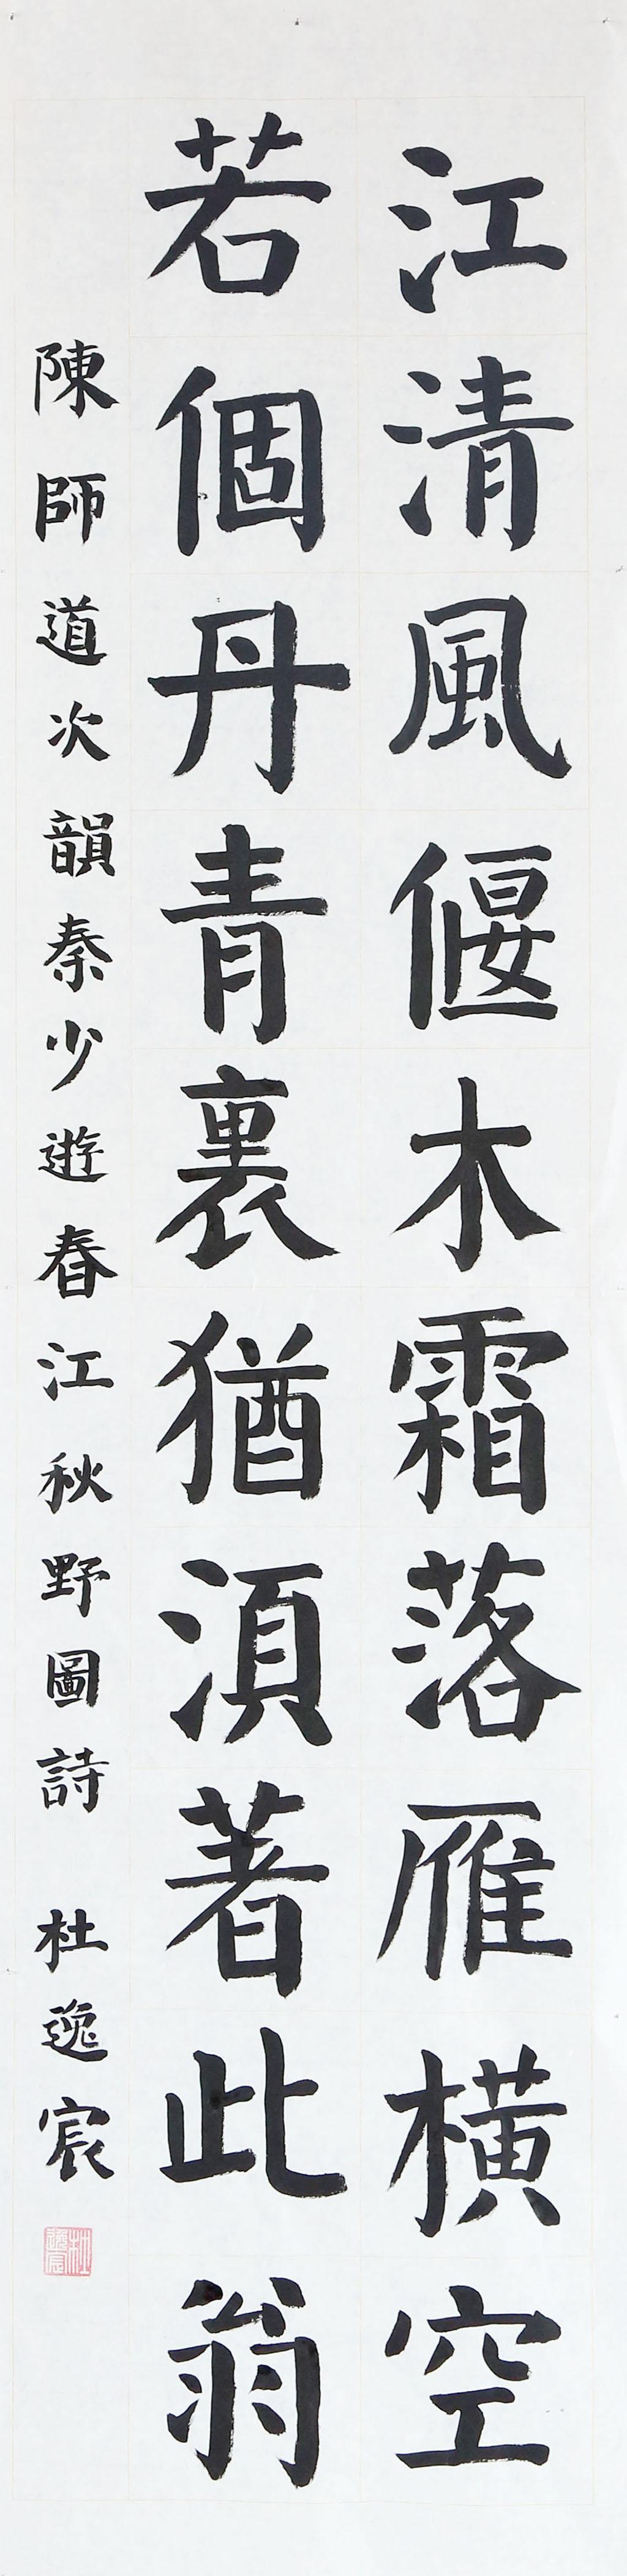 杜逸宸 小学高年级组一等奖